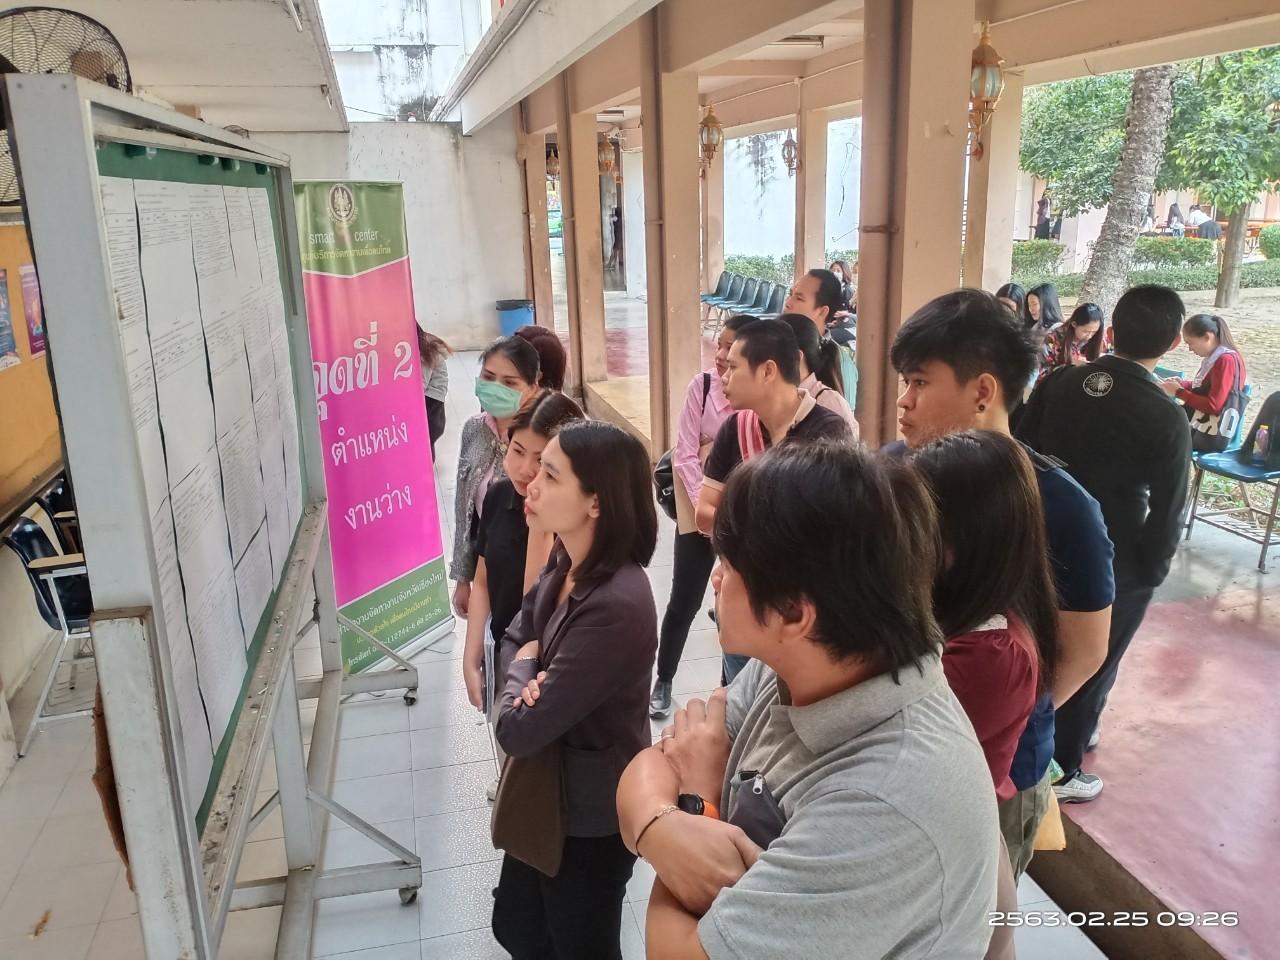 จัดนัดพบแรงงานร่วมในงานปัจฉิมนิเทศ มหาวิทยาลัยราชภัฏเชียงใหม่